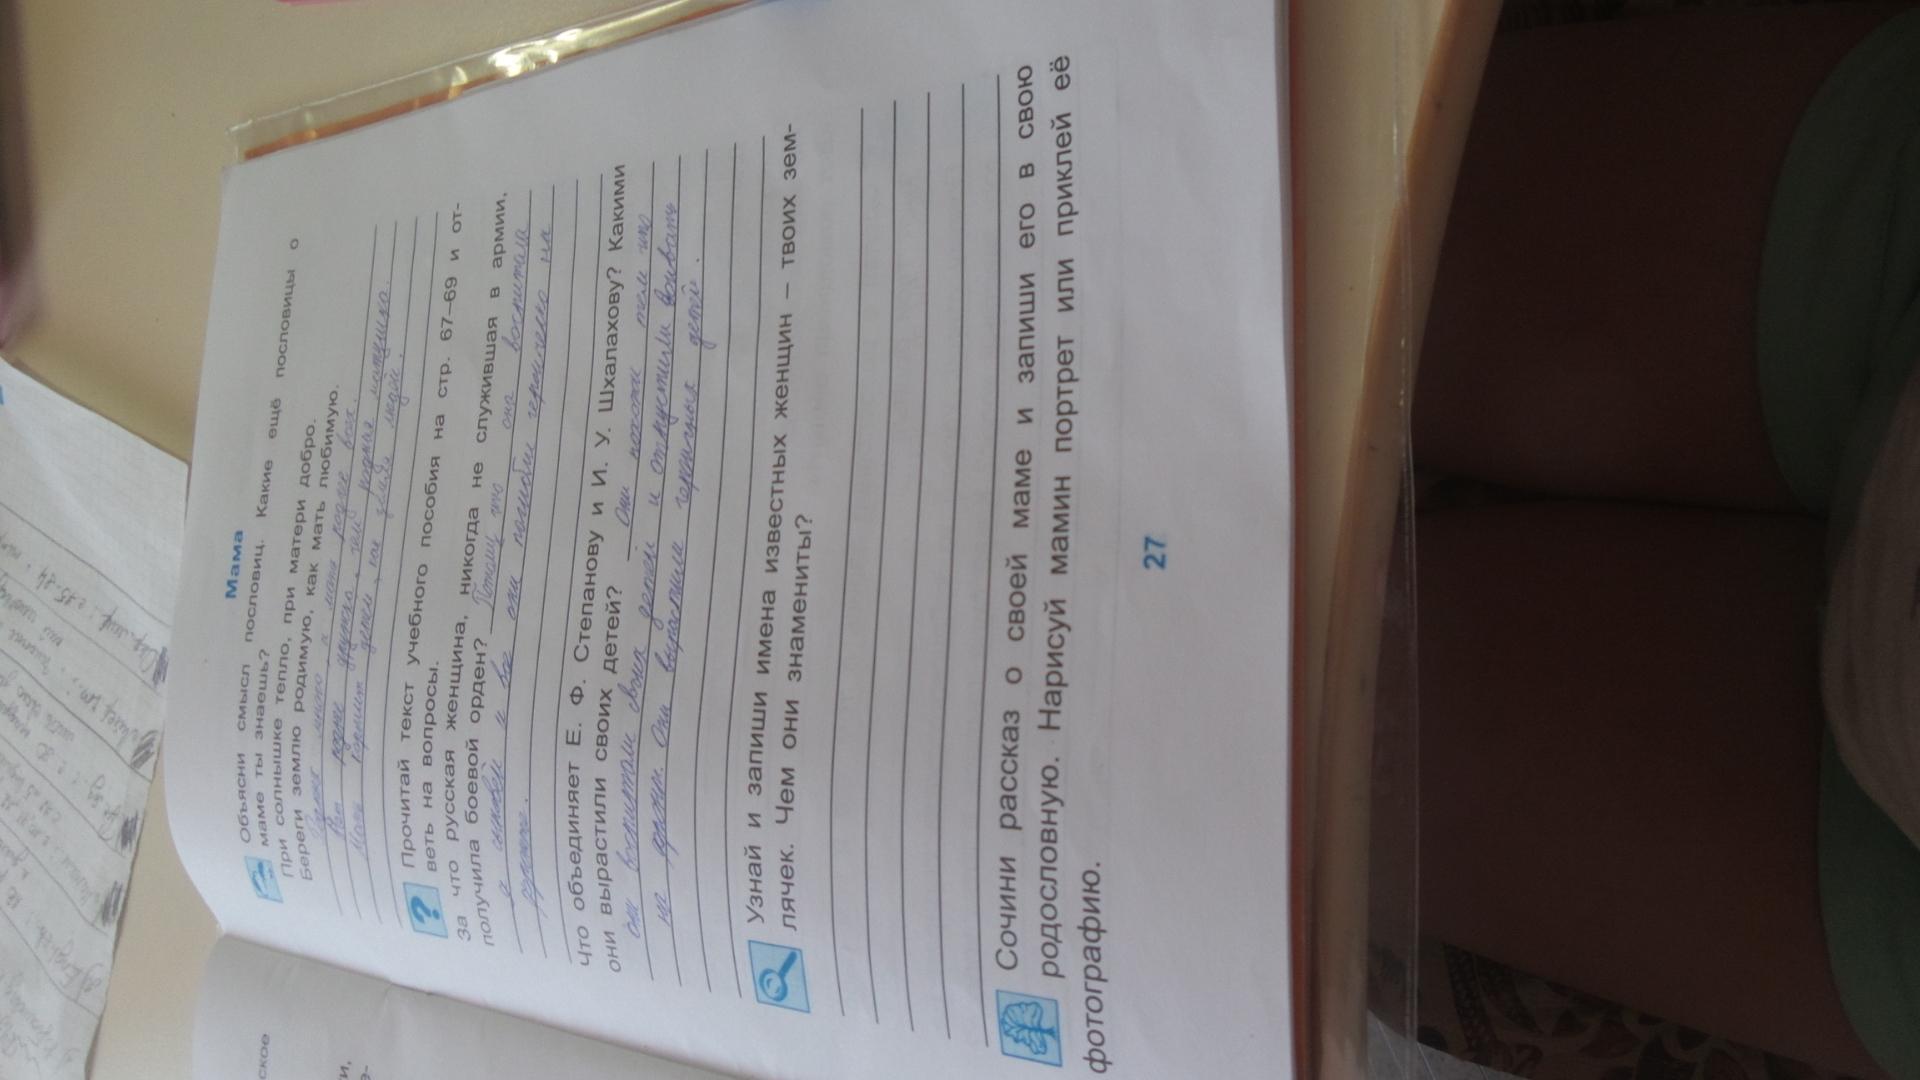 гдз кубановедение 3 класс рабочая тетрадь ответы науменко